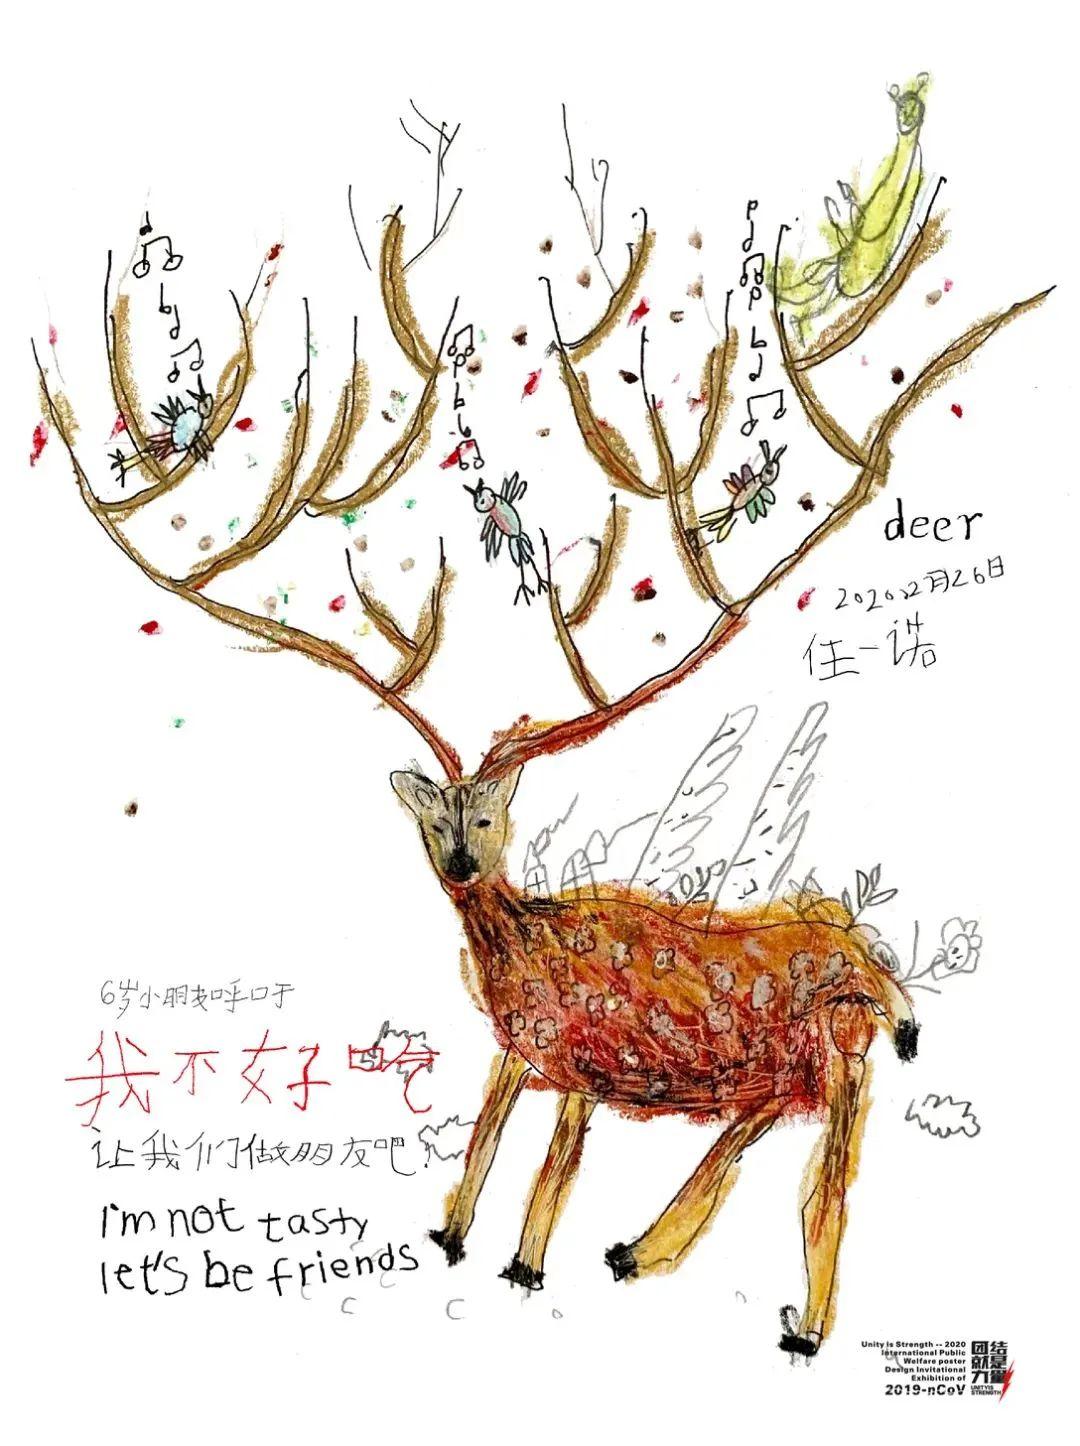 6岁蒙古族小设计师用插画拯救野生动物,为抗疫助力! 第41张